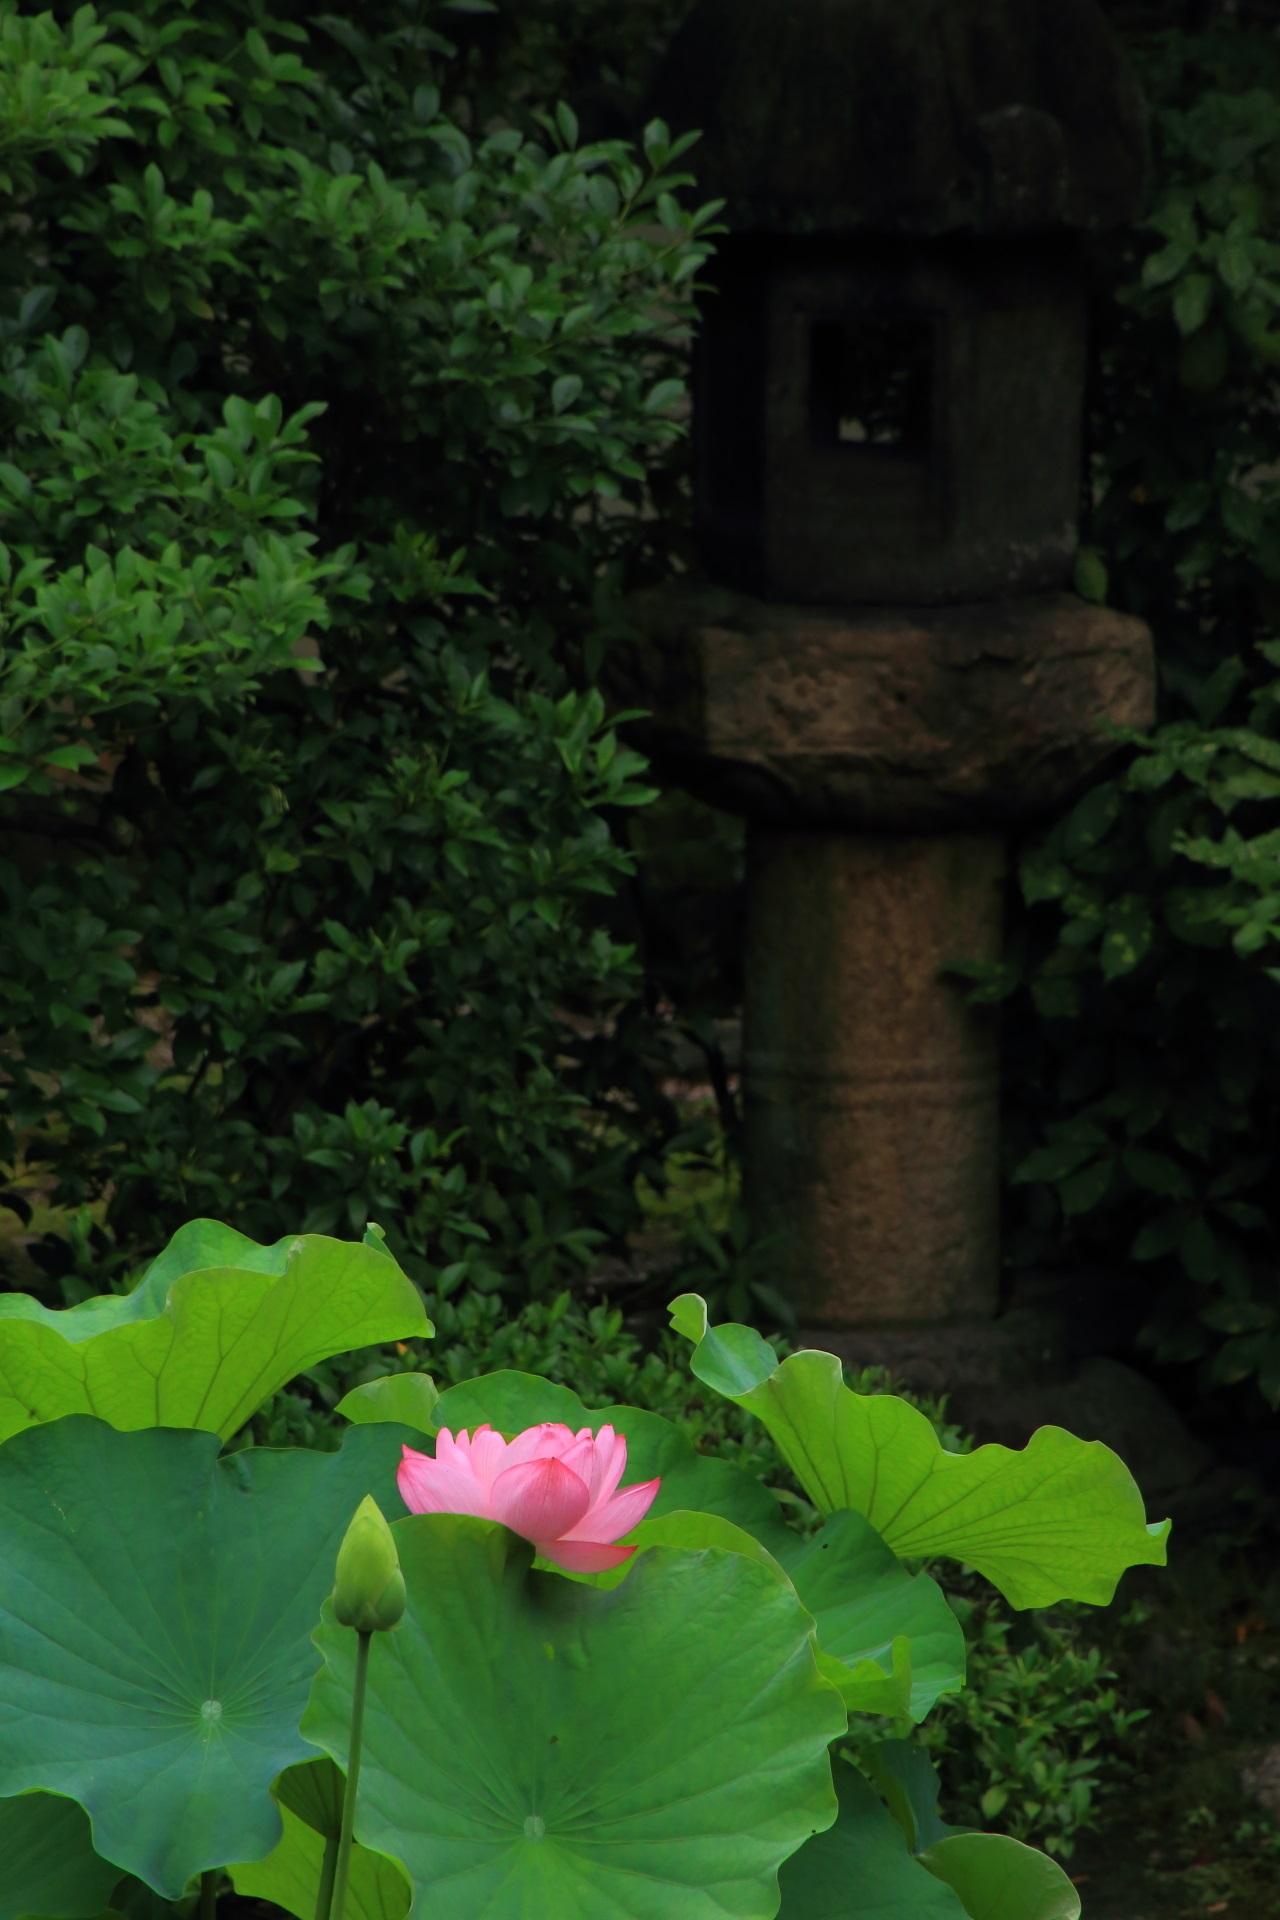 本法寺の巴の庭の燈籠と華やかなピンクのハスの花